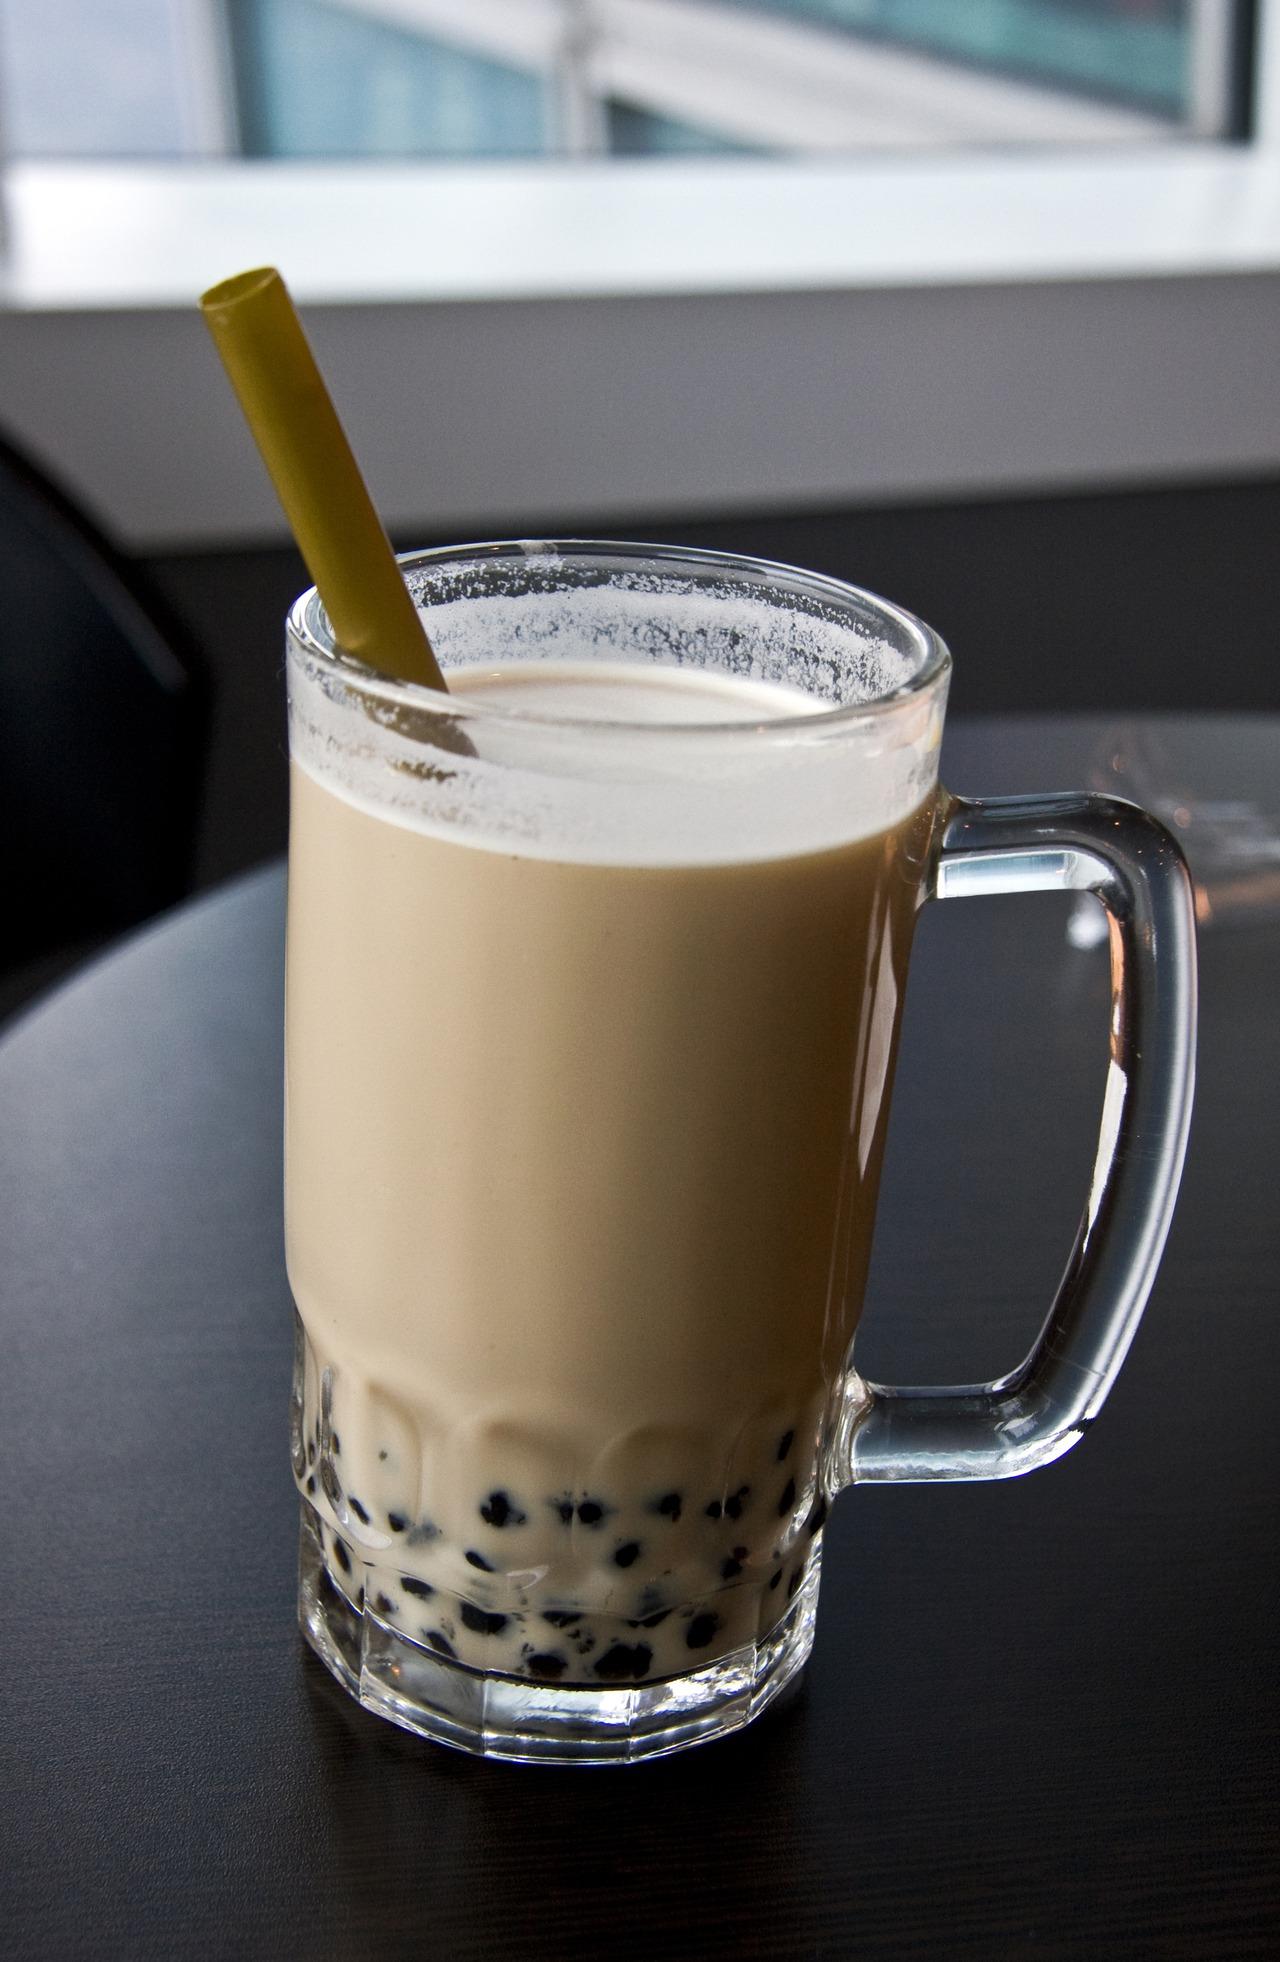 台灣手搖飲業者積極進軍菲律賓,珍珠奶茶已成為菲國街頭巷尾隨處可見的飲品。 示意圖...